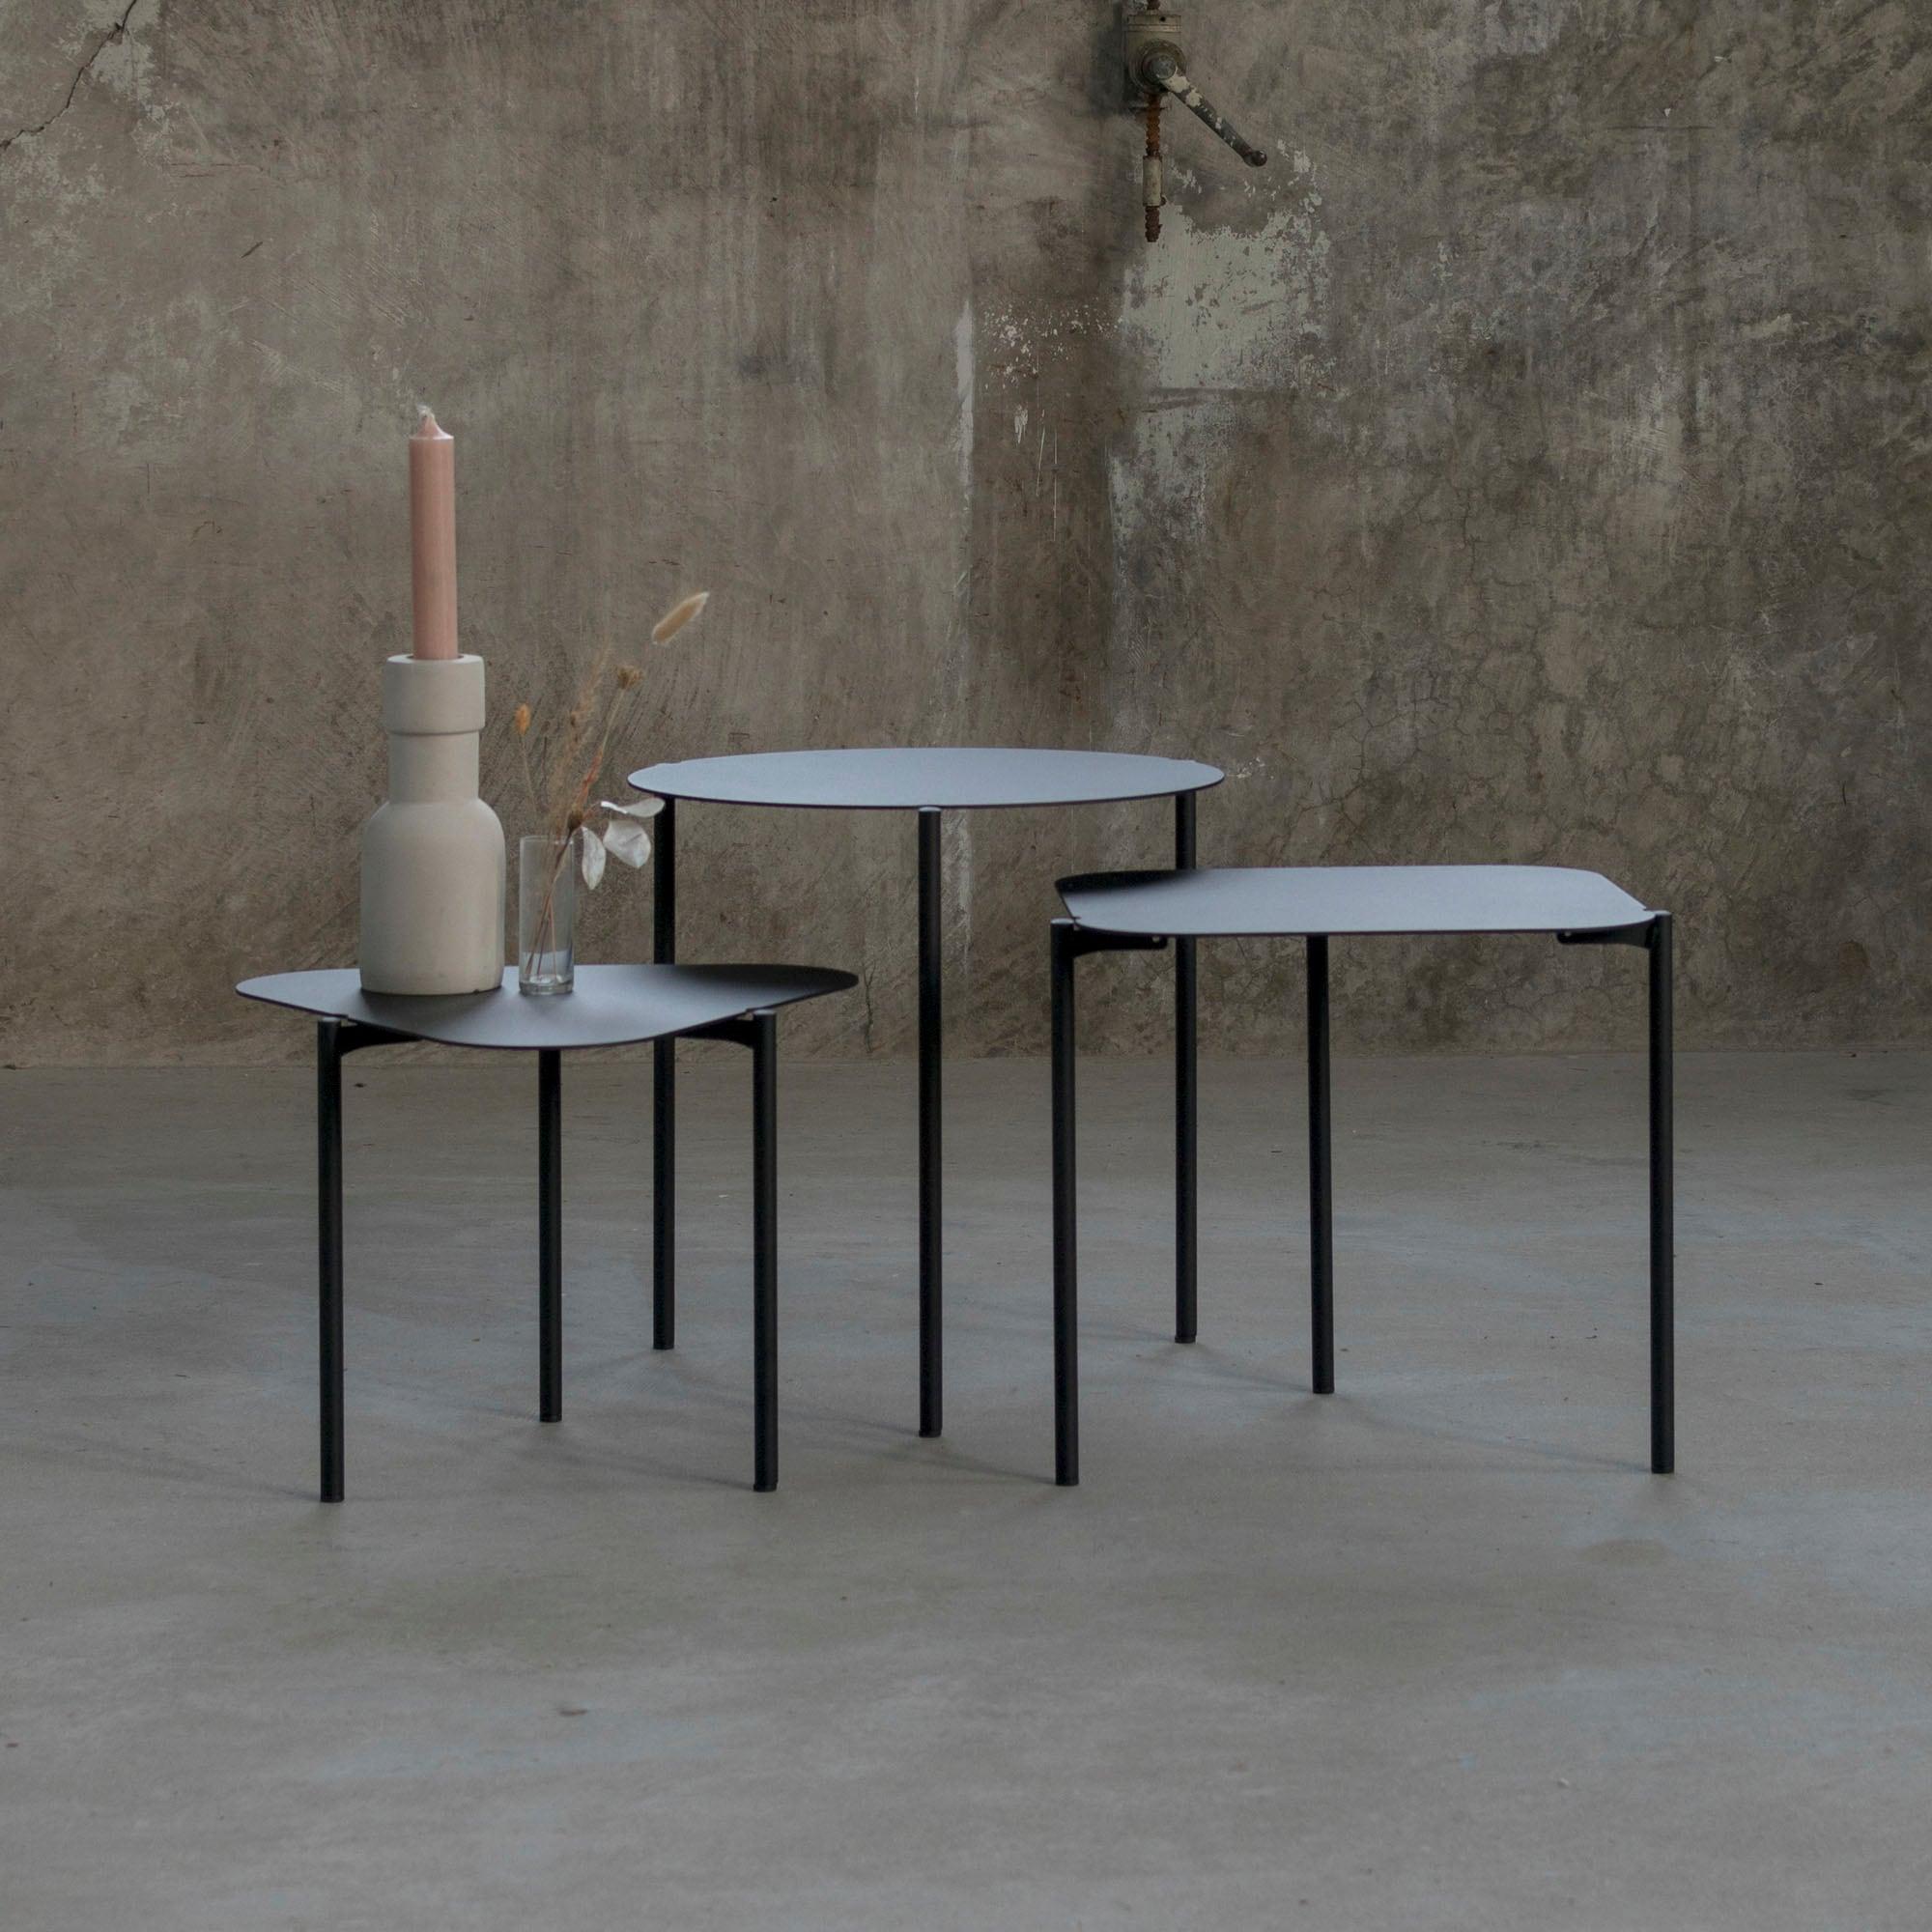 Spinder Design Beistelltisch Doremi, 3er-Set schwarz Beistelltische Tische